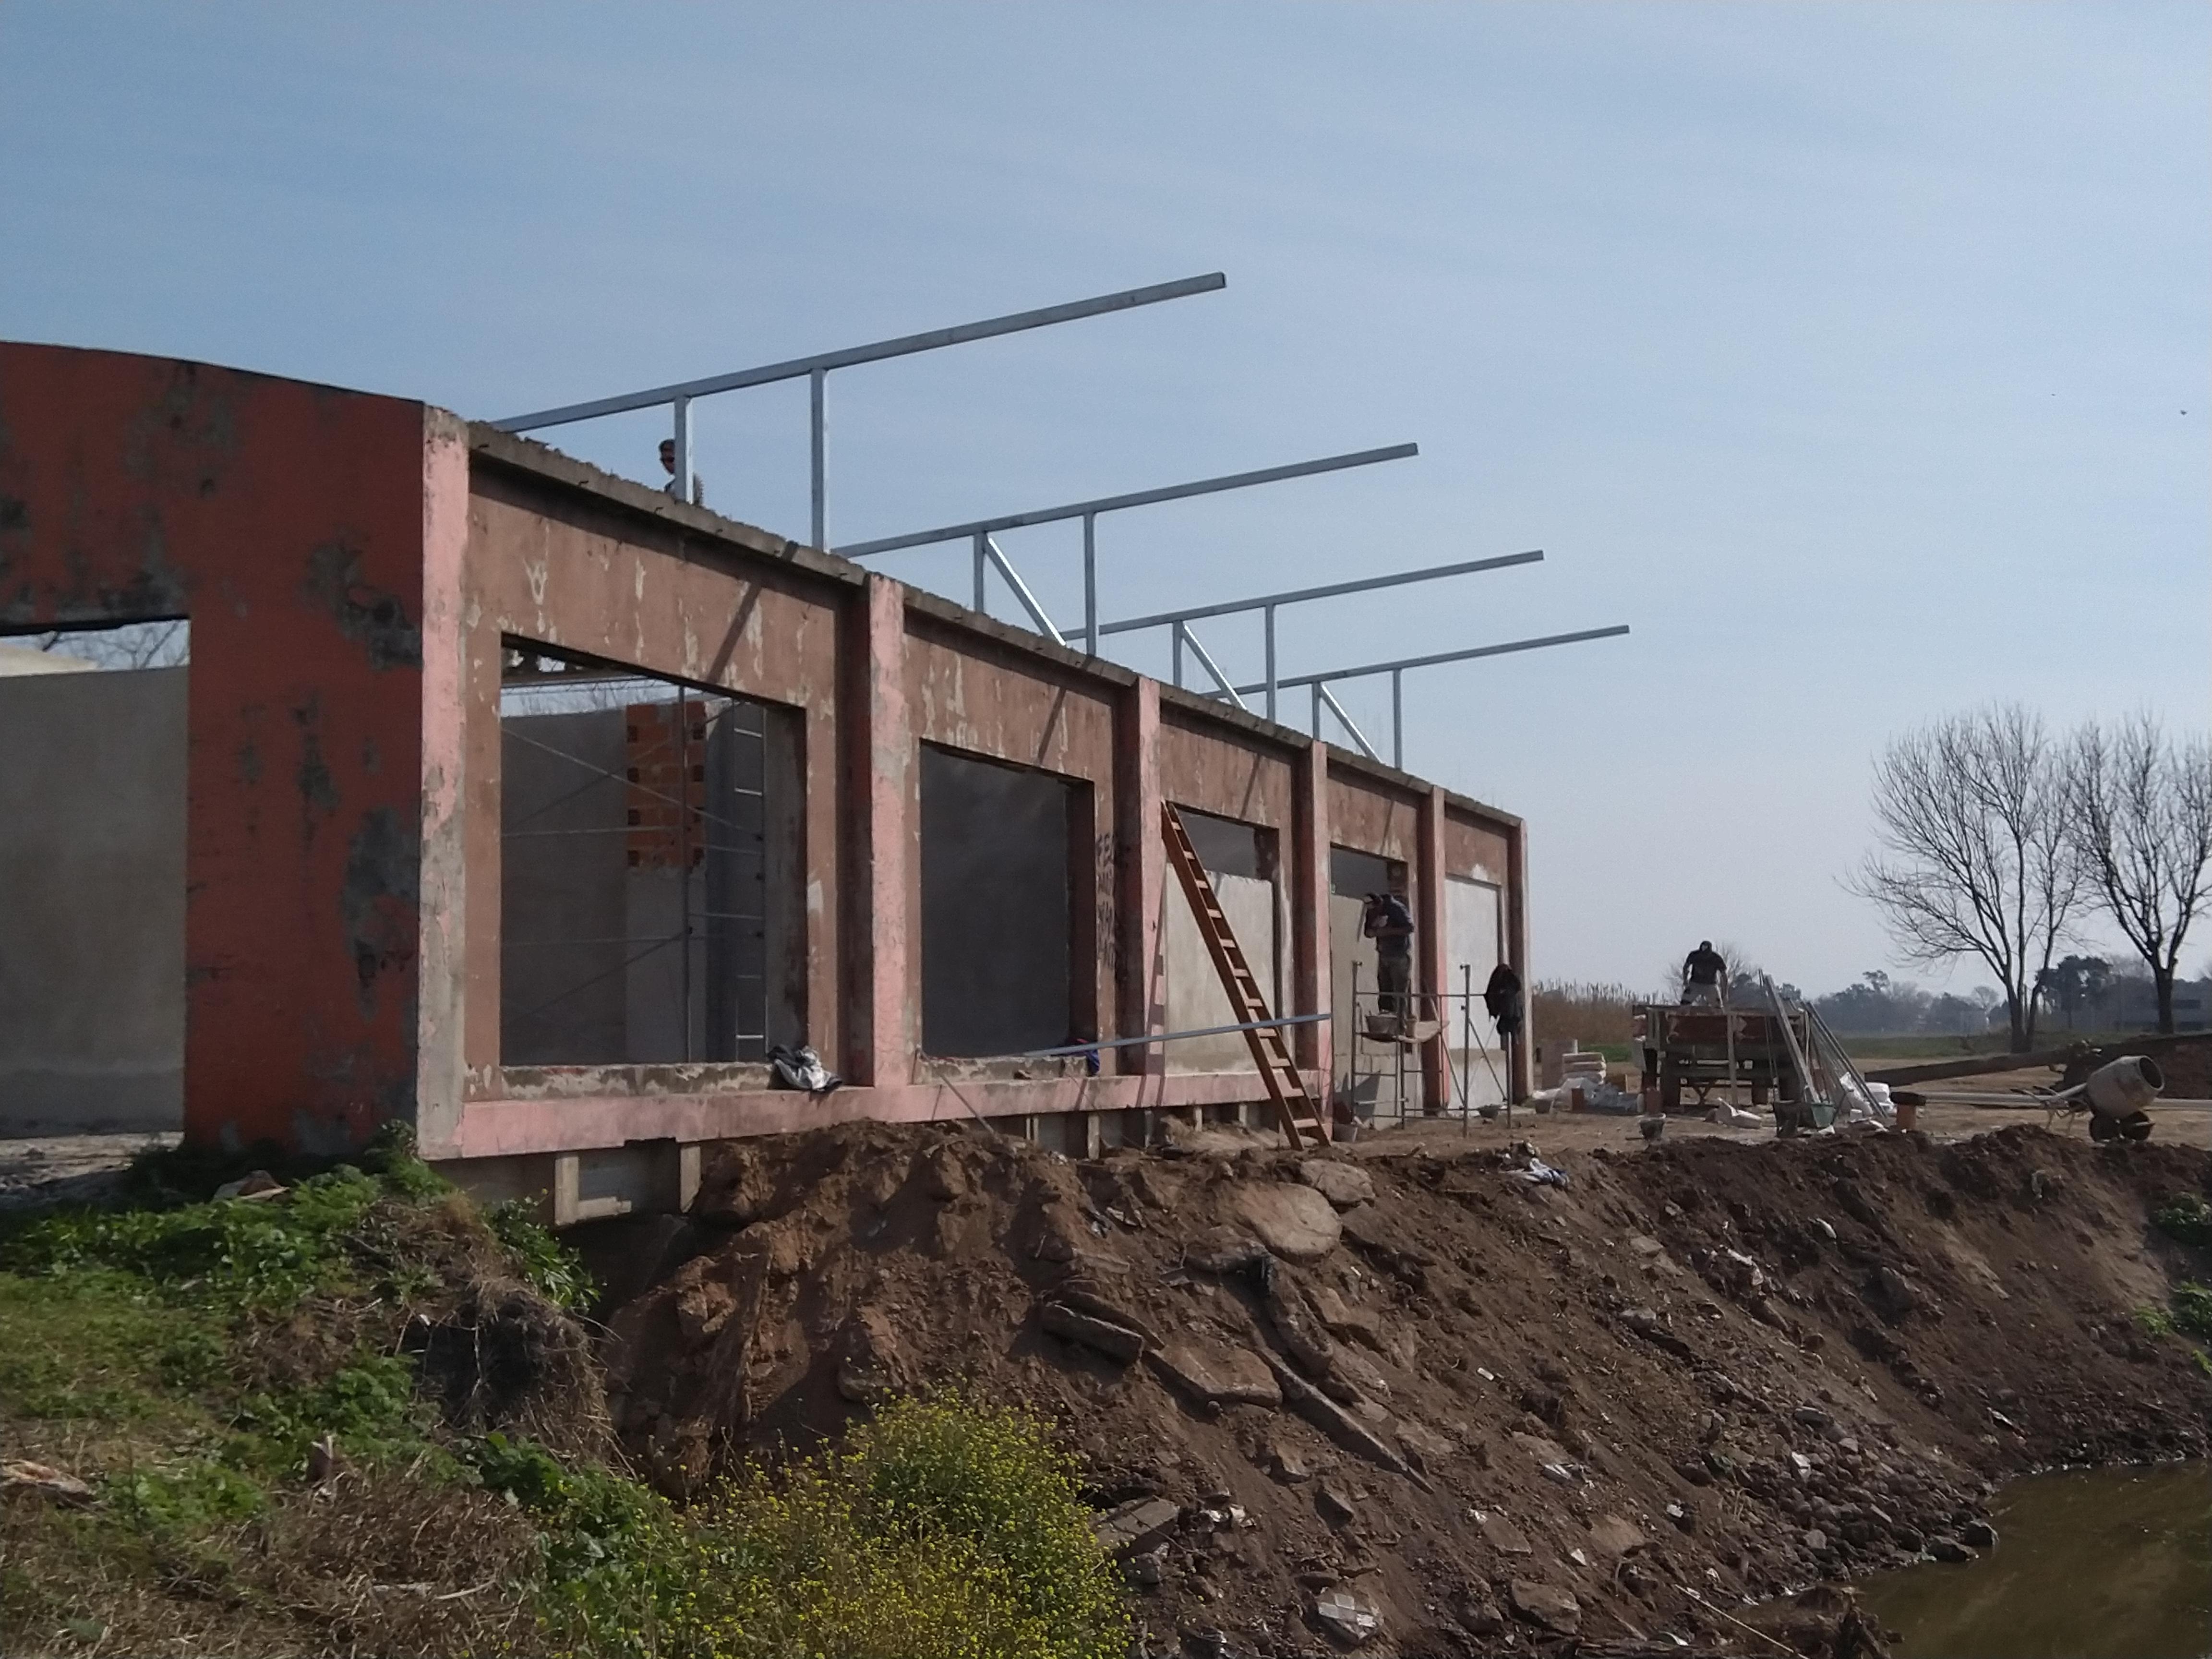 Por estos días se está trabajando en el armado del techo y la construcción del piso de la edificación que hace años iba a ser destinada a una malograda comisión de turismo.